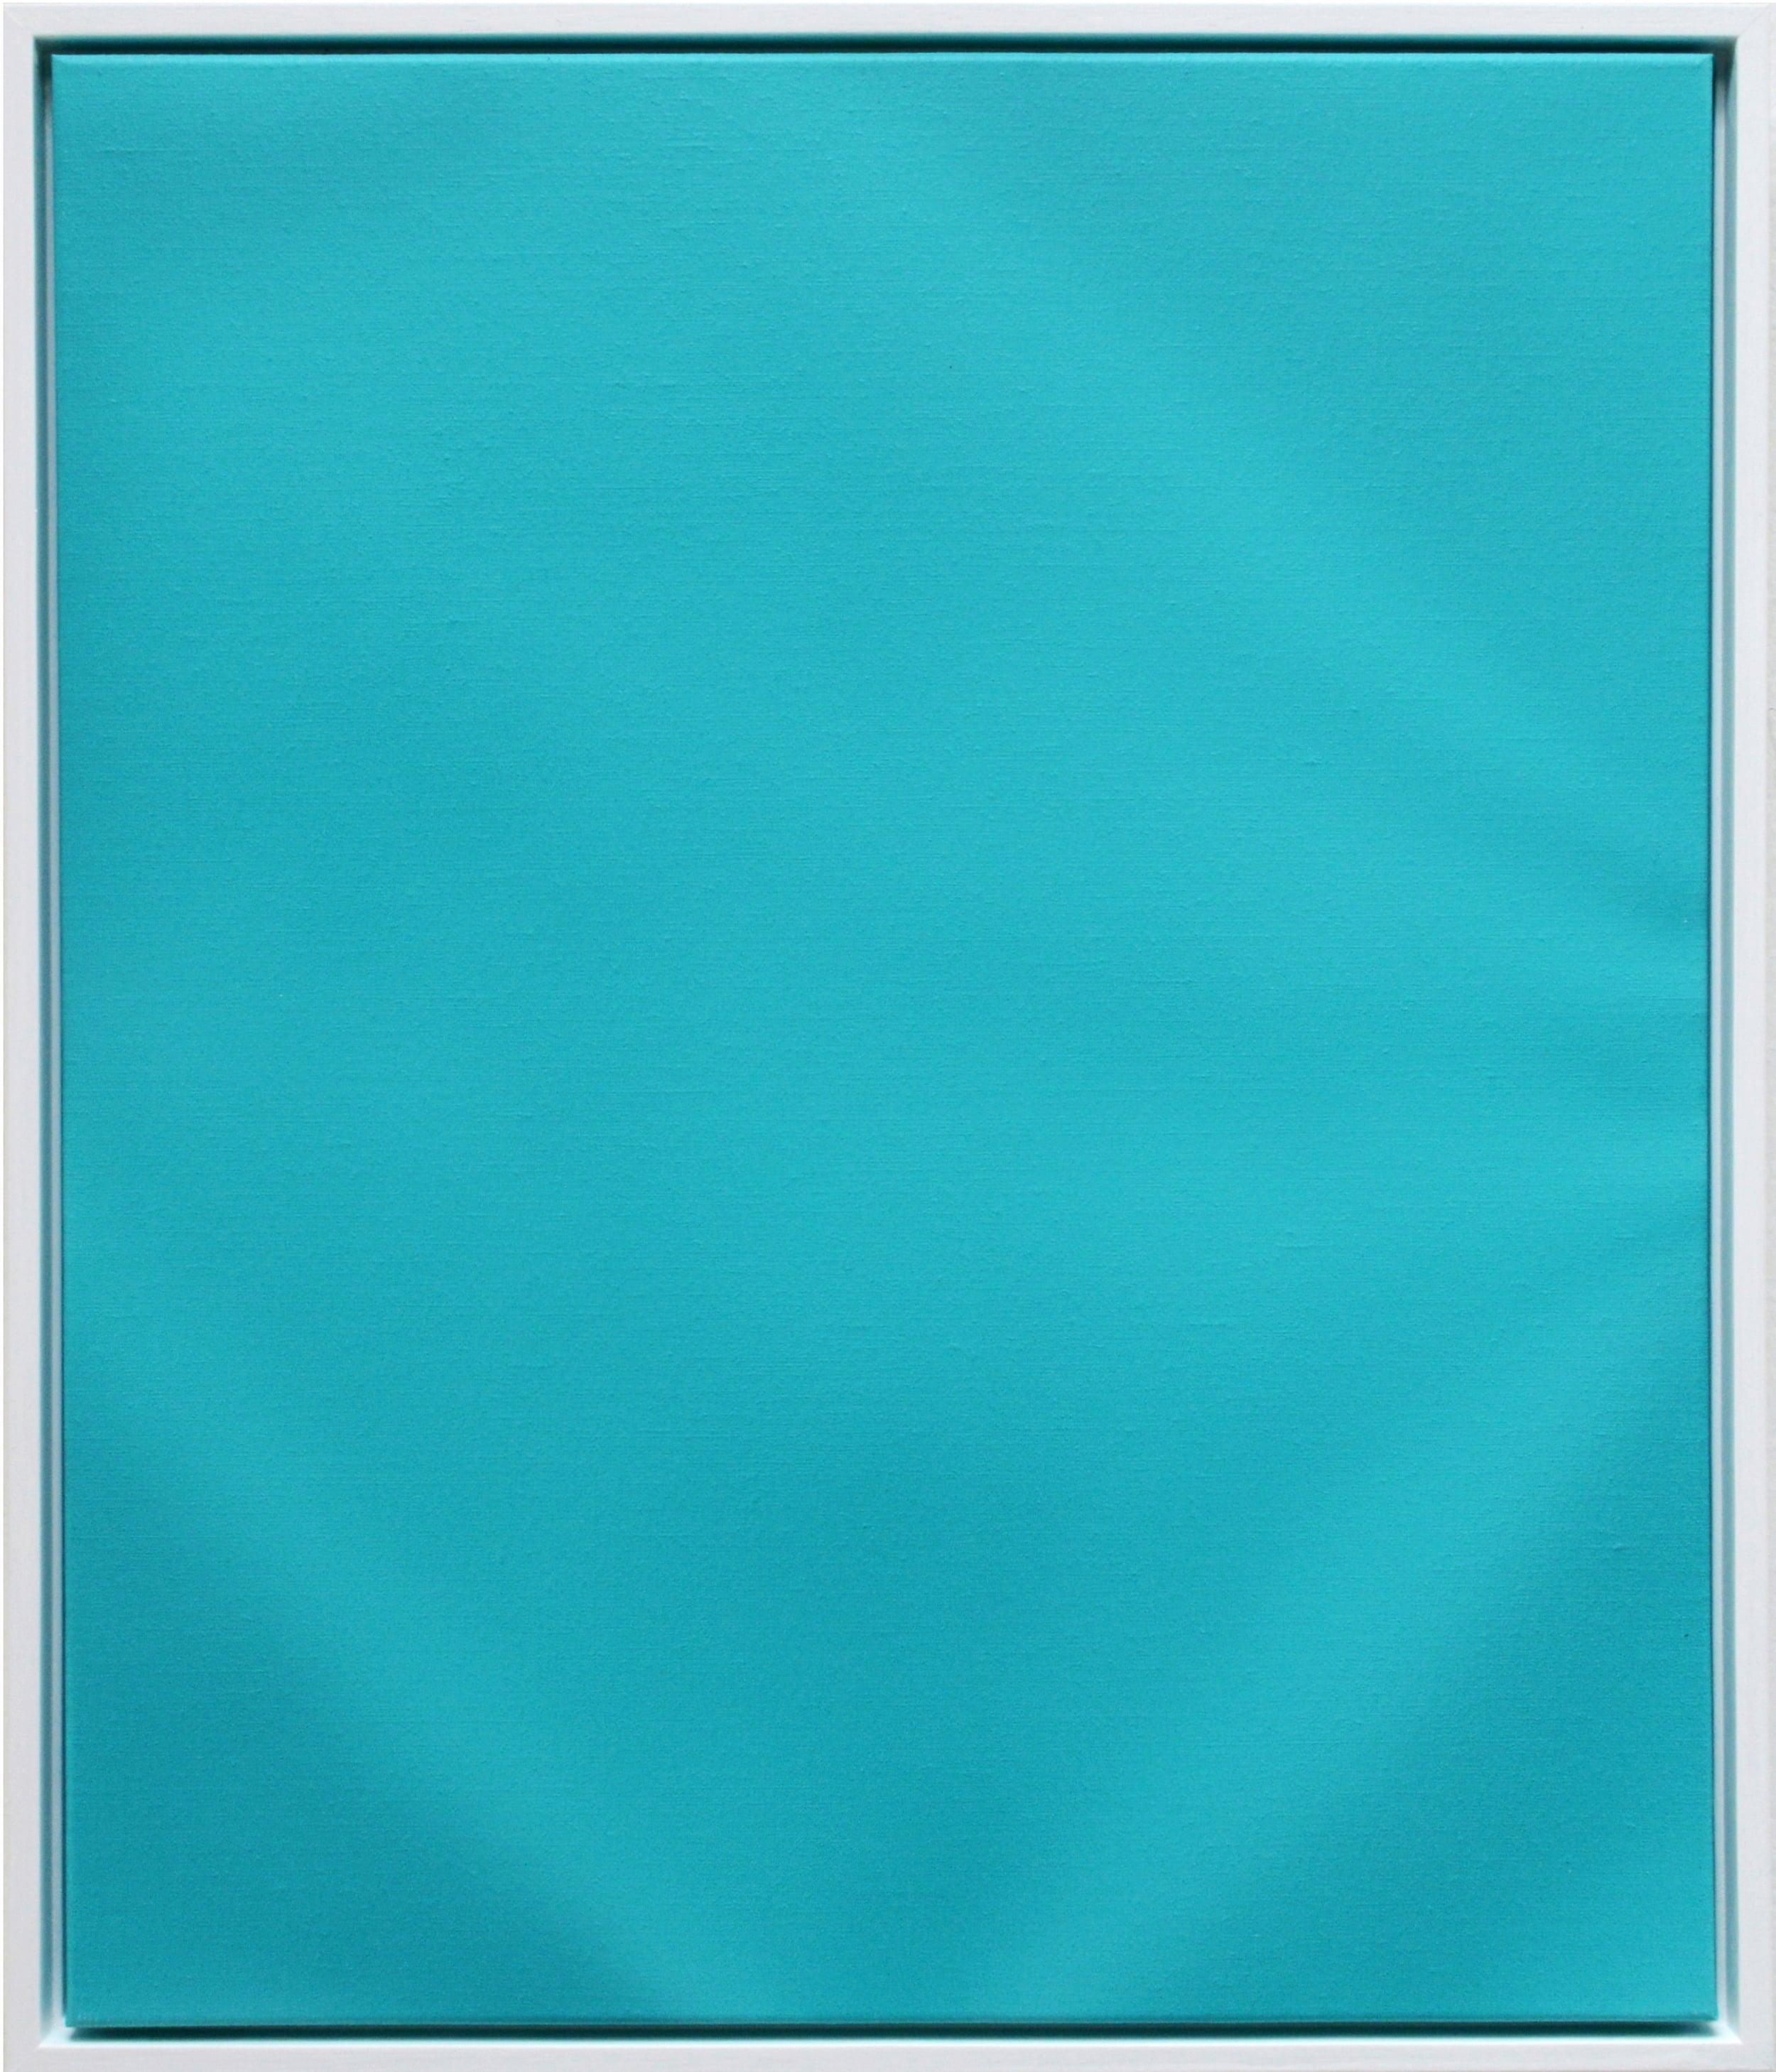 Ruffled Turquoise | 2015 acrylic on linen 60 x 50 cm